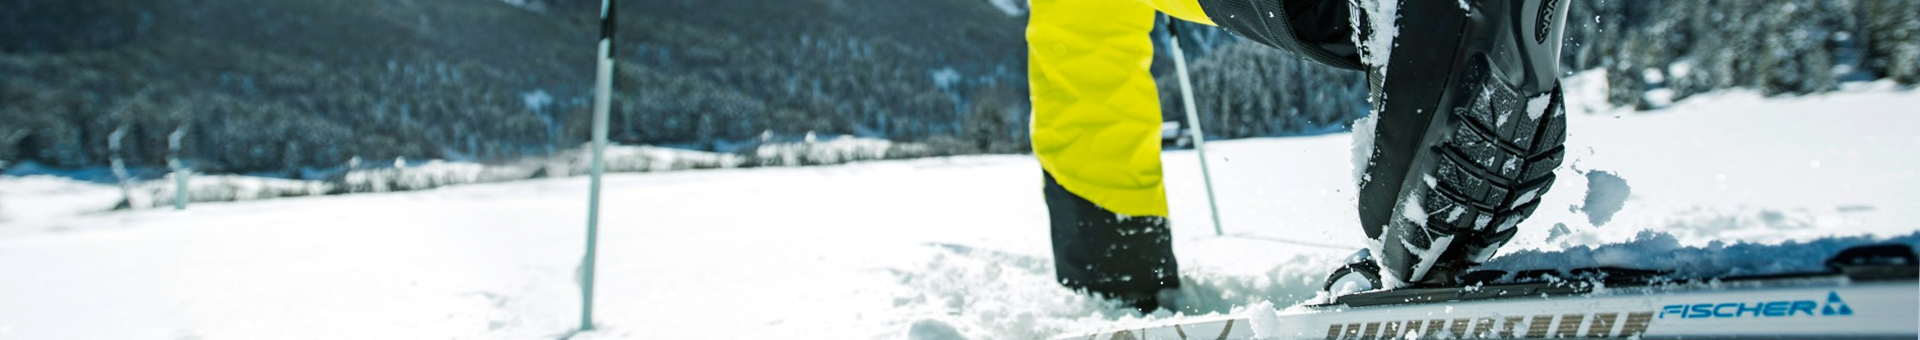 Fixation Ski de Randonnée Nordique